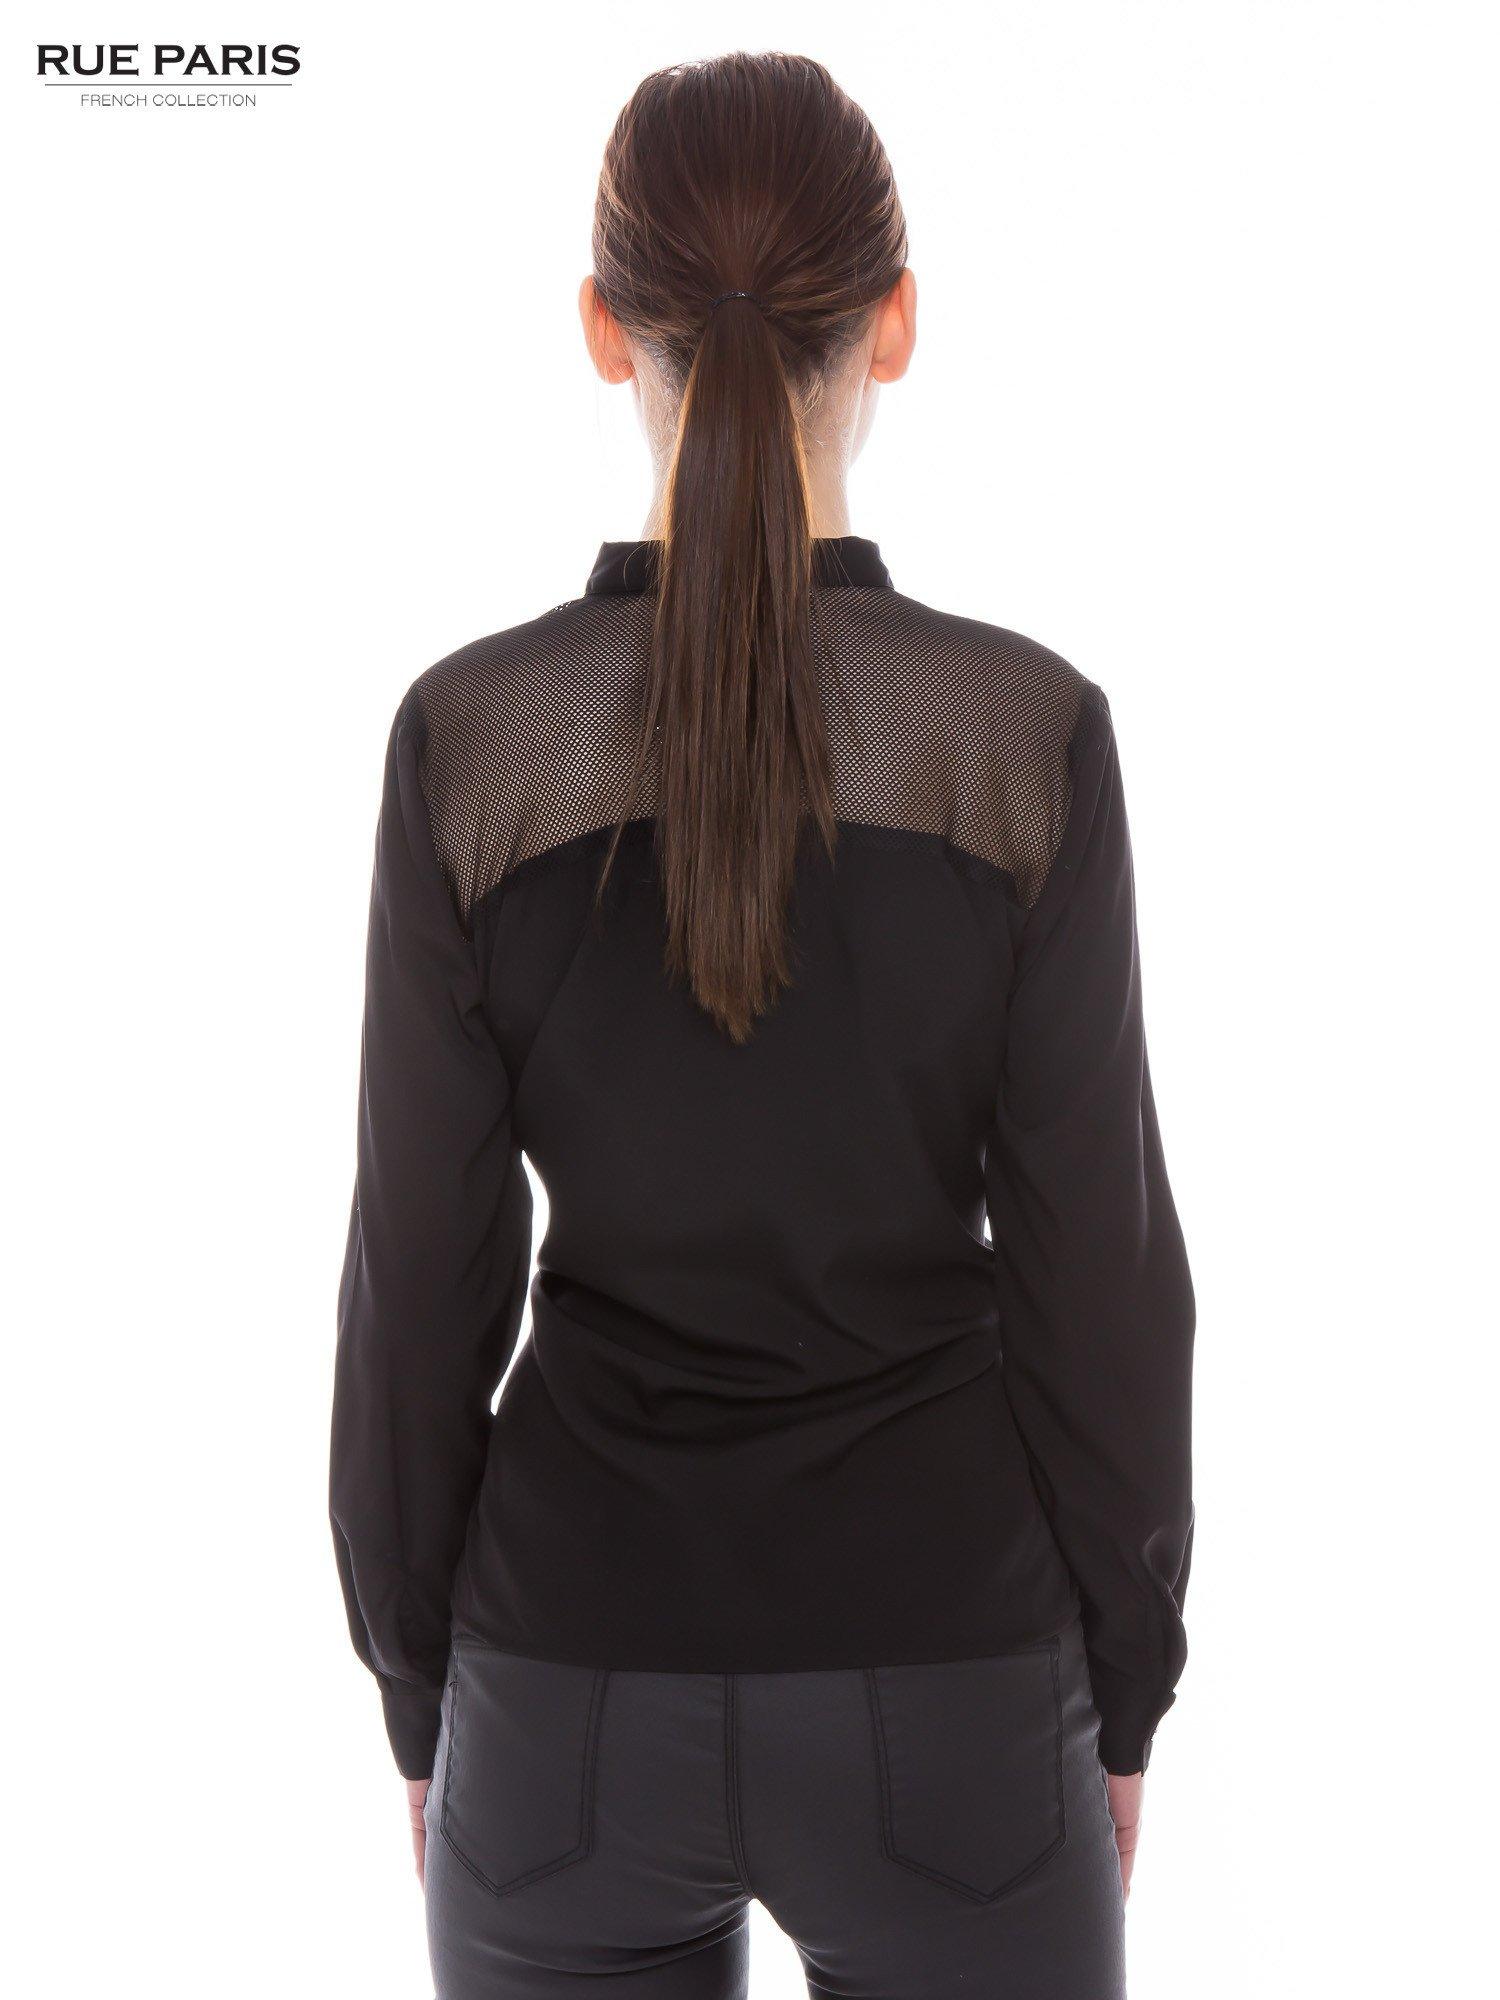 Czarna koszula z siateczkowym tyłem                                  zdj.                                  2